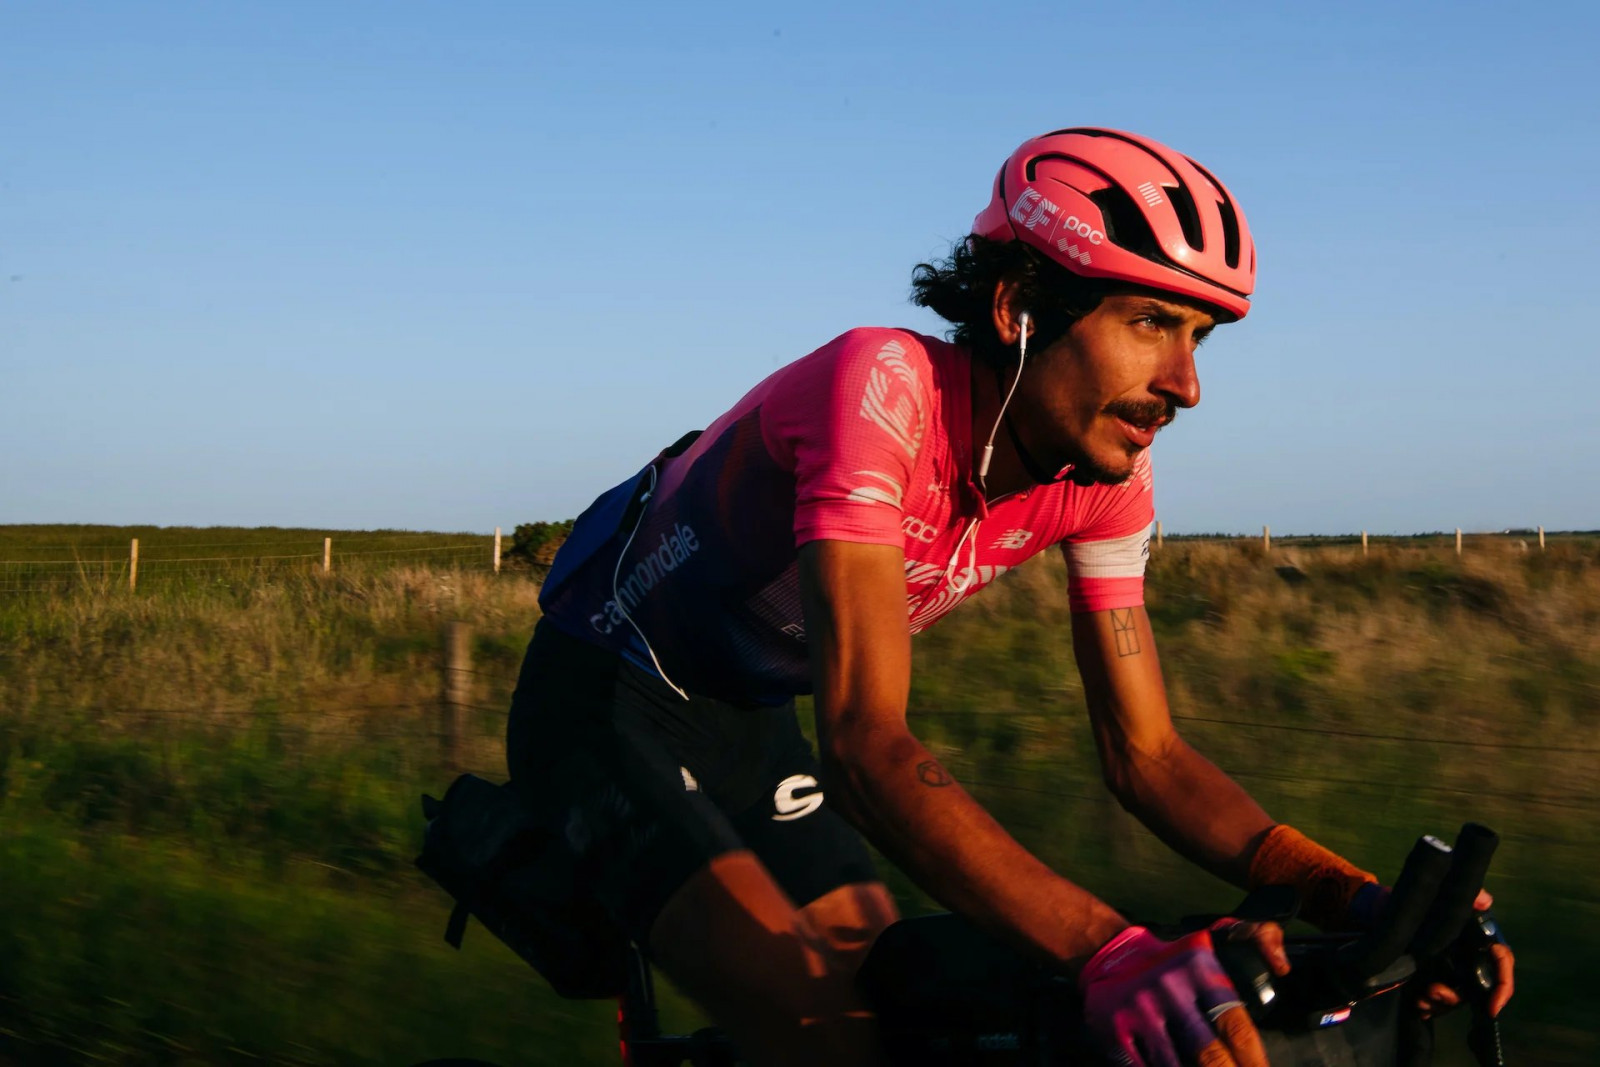 Le Tour de France alternatif de Lachlan Morton, en direct